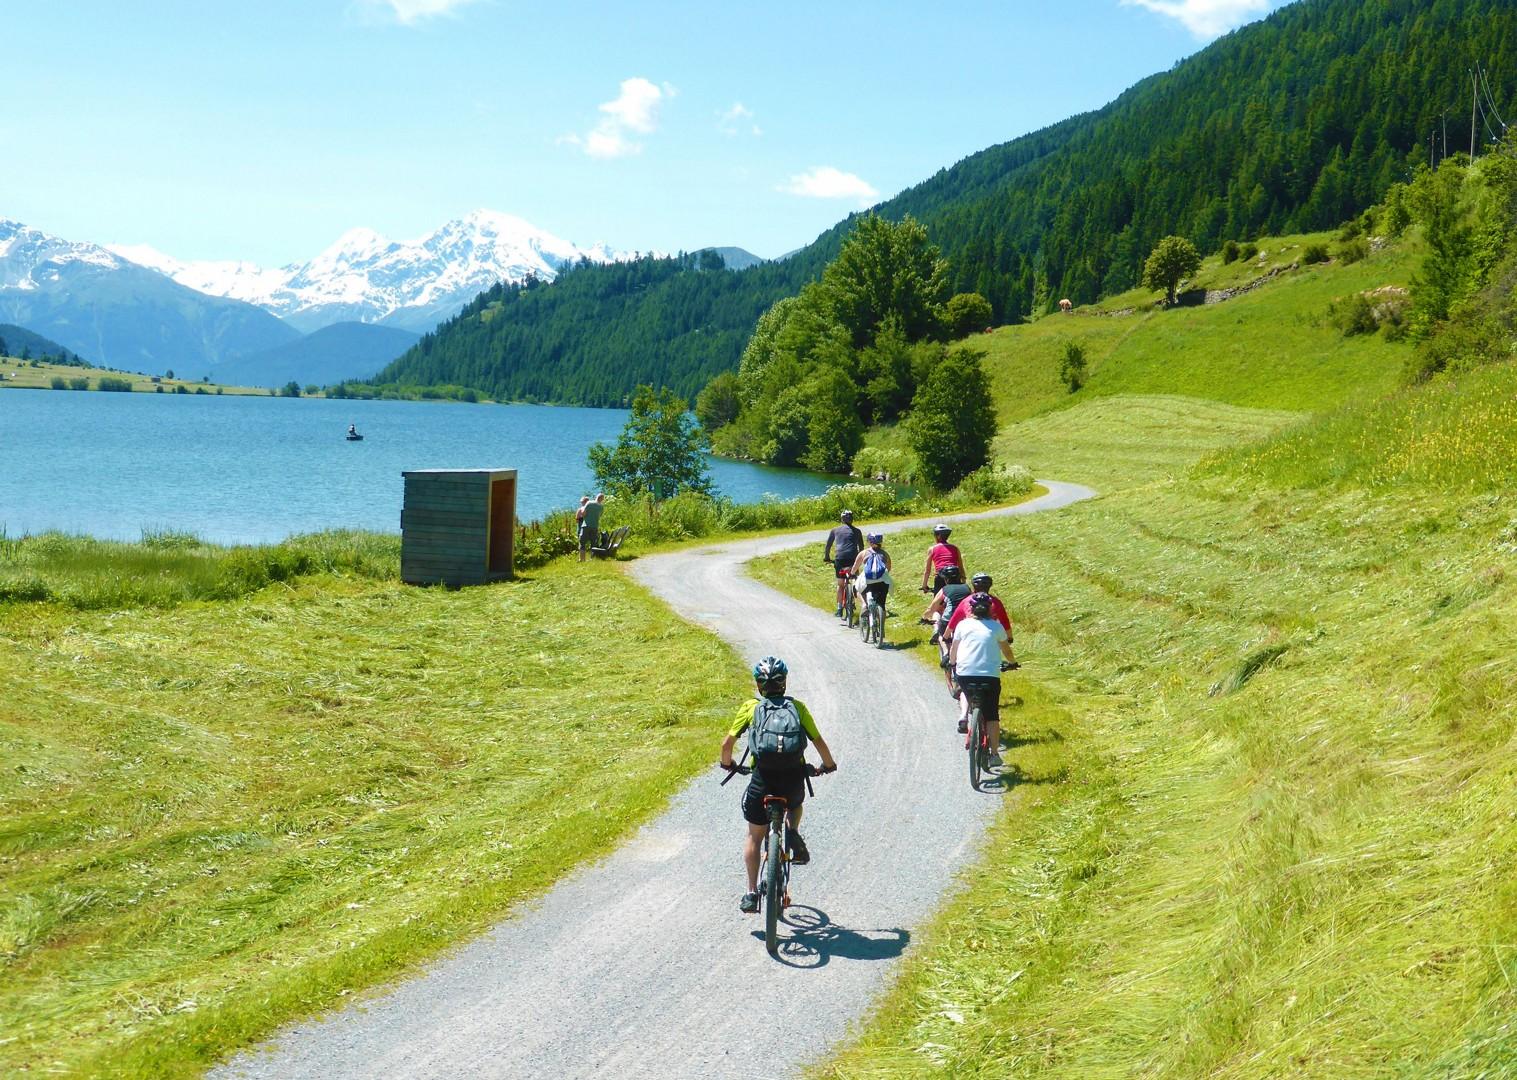 trumer-lakes-family-cycling-holiday-austria-austrian-lakes.jpg - Austria - Salzburg's Lake District - Self-Guided Family Cycling Holiday - Family Cycling